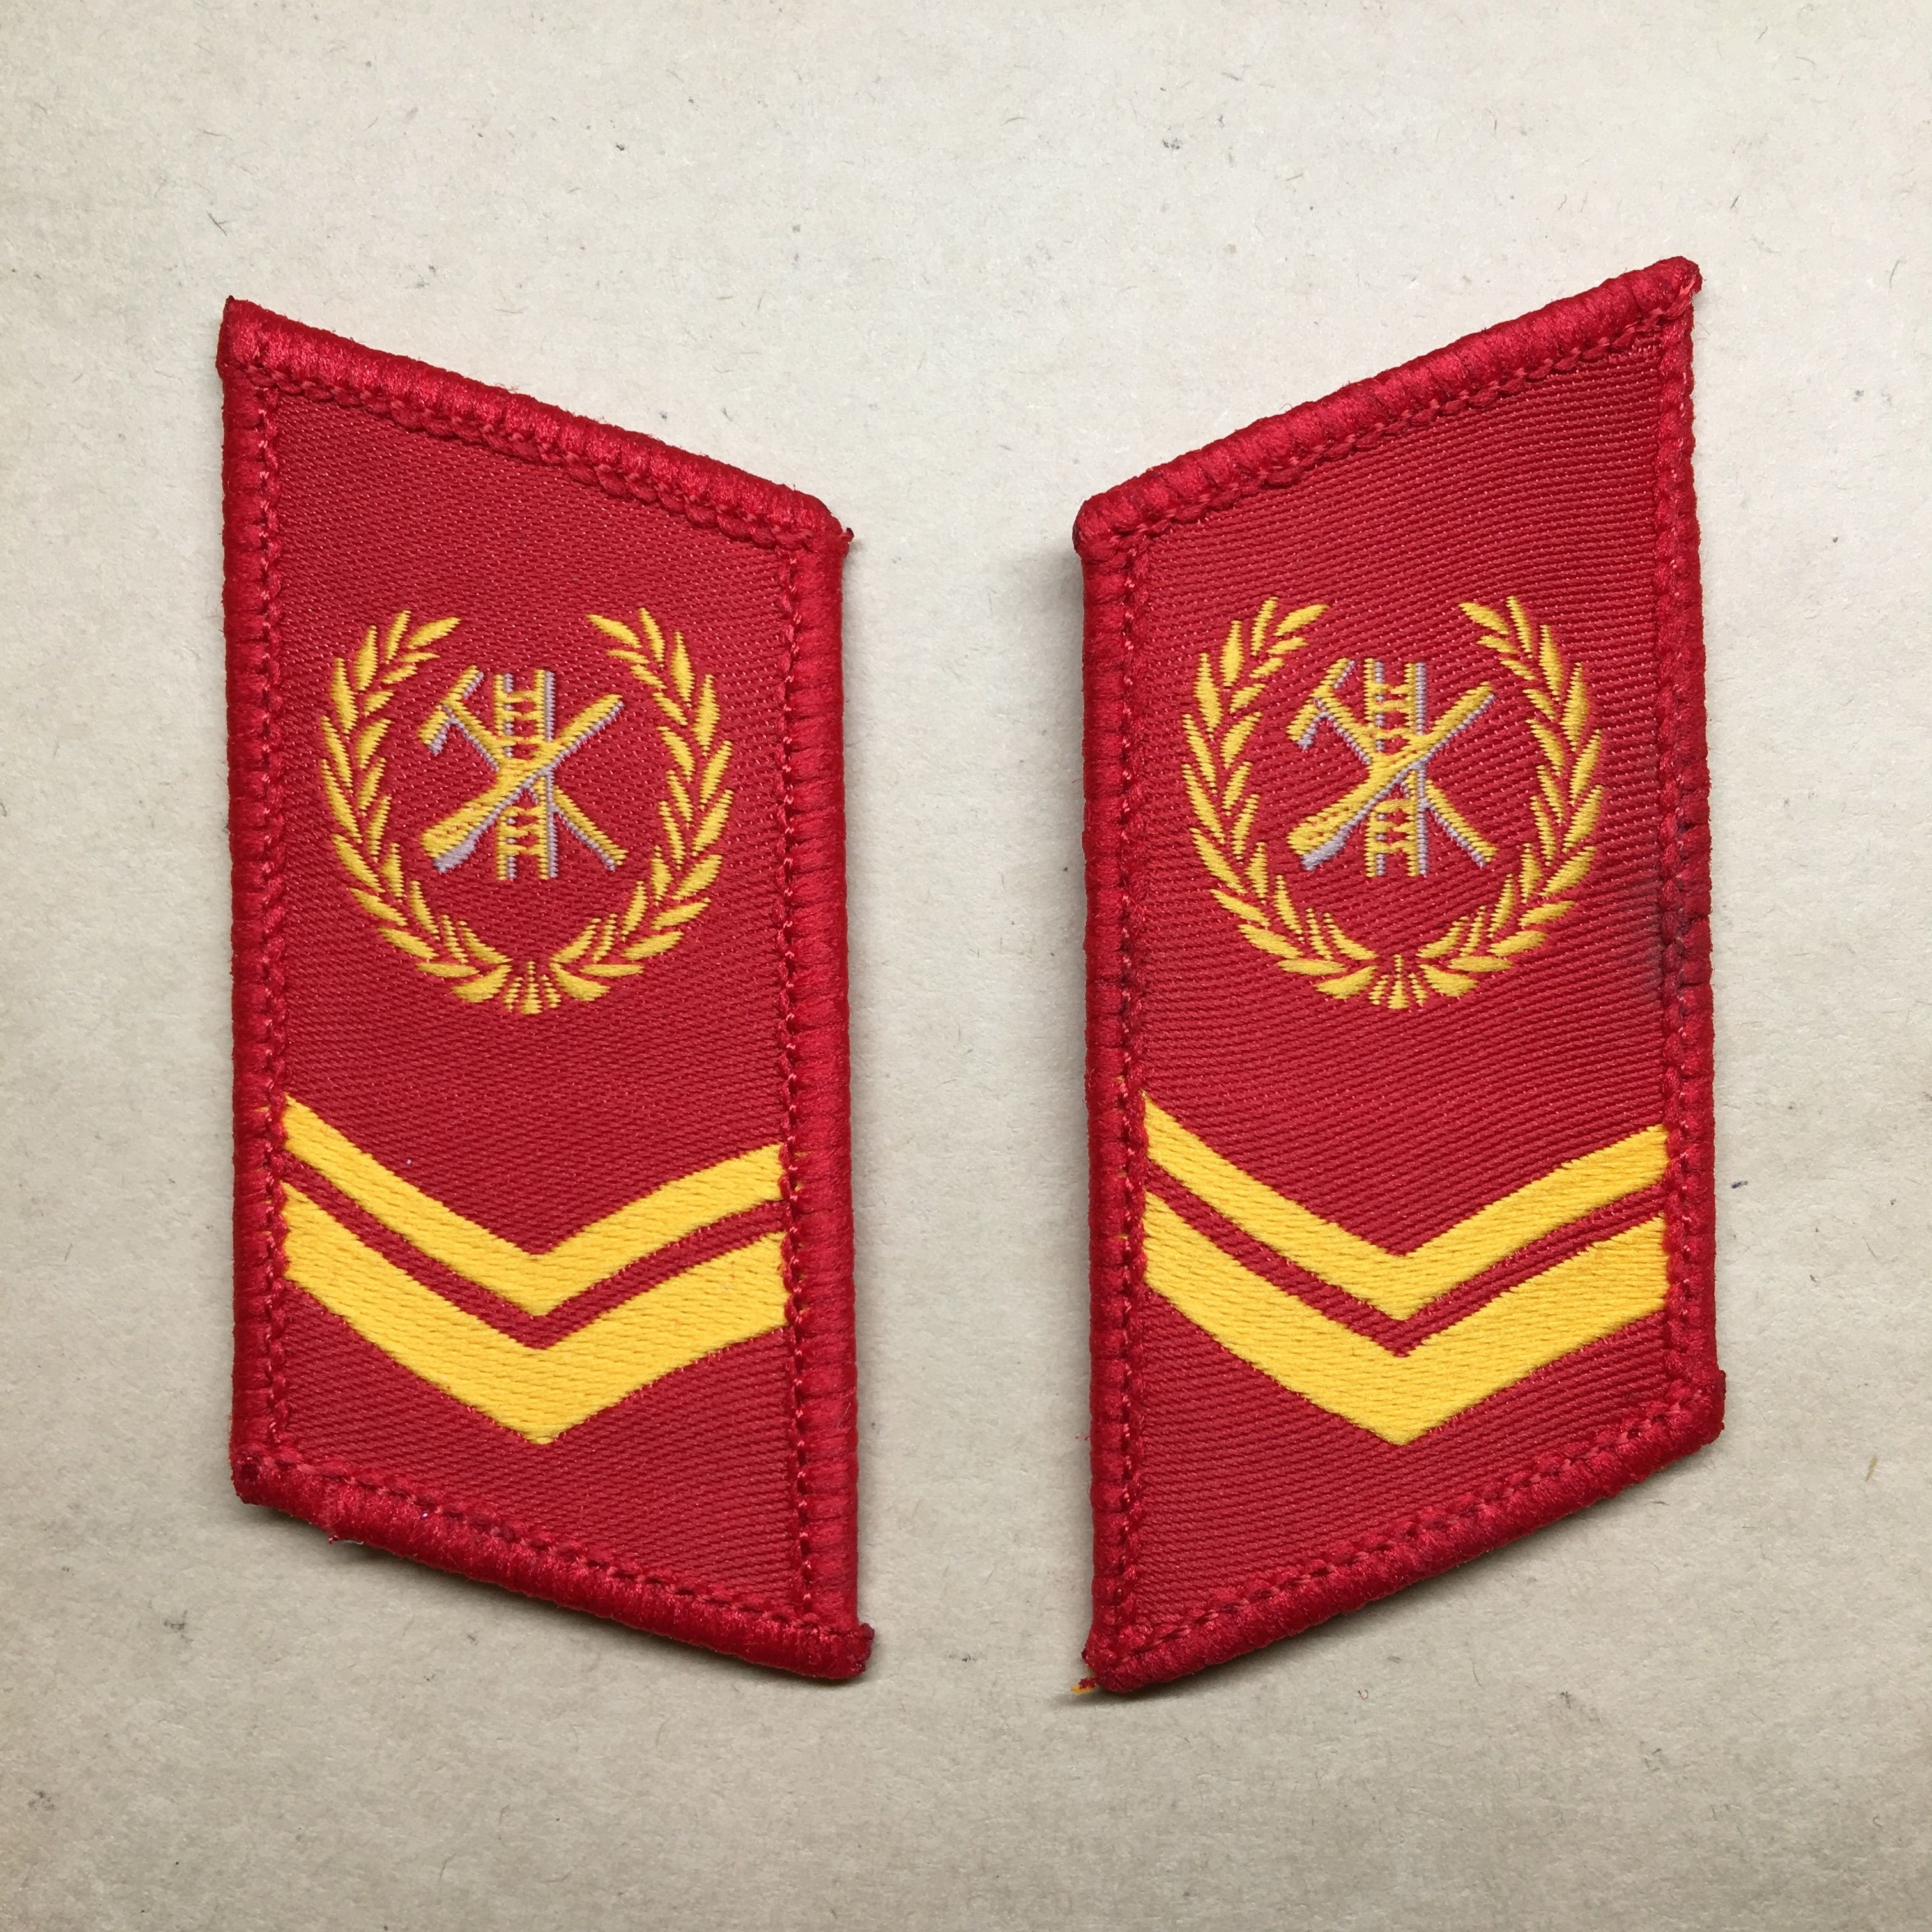 【上士】中国人民武装警察 消防士襟章